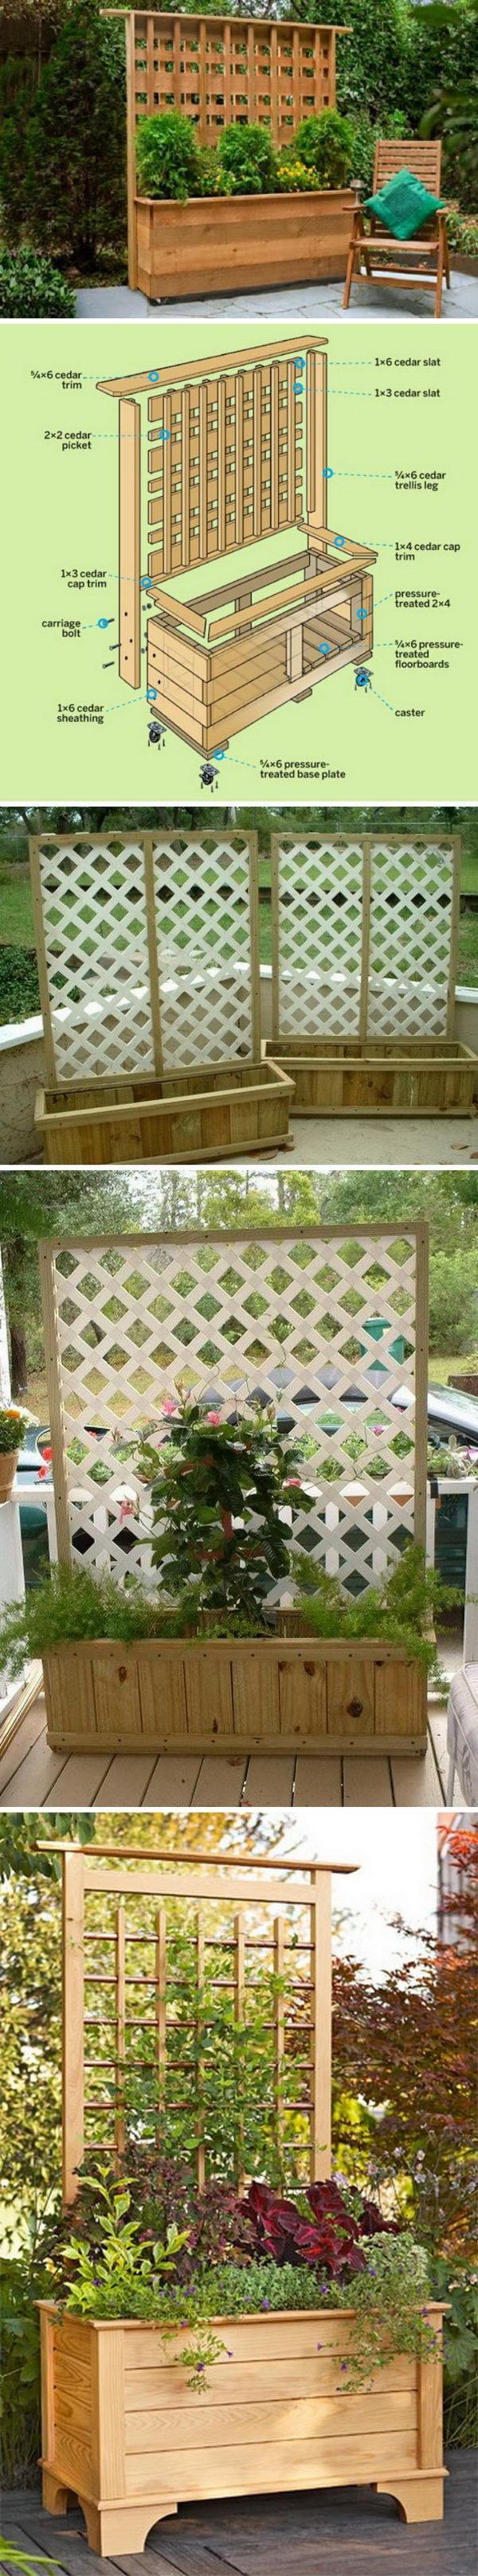 DIY Privacy Planter.